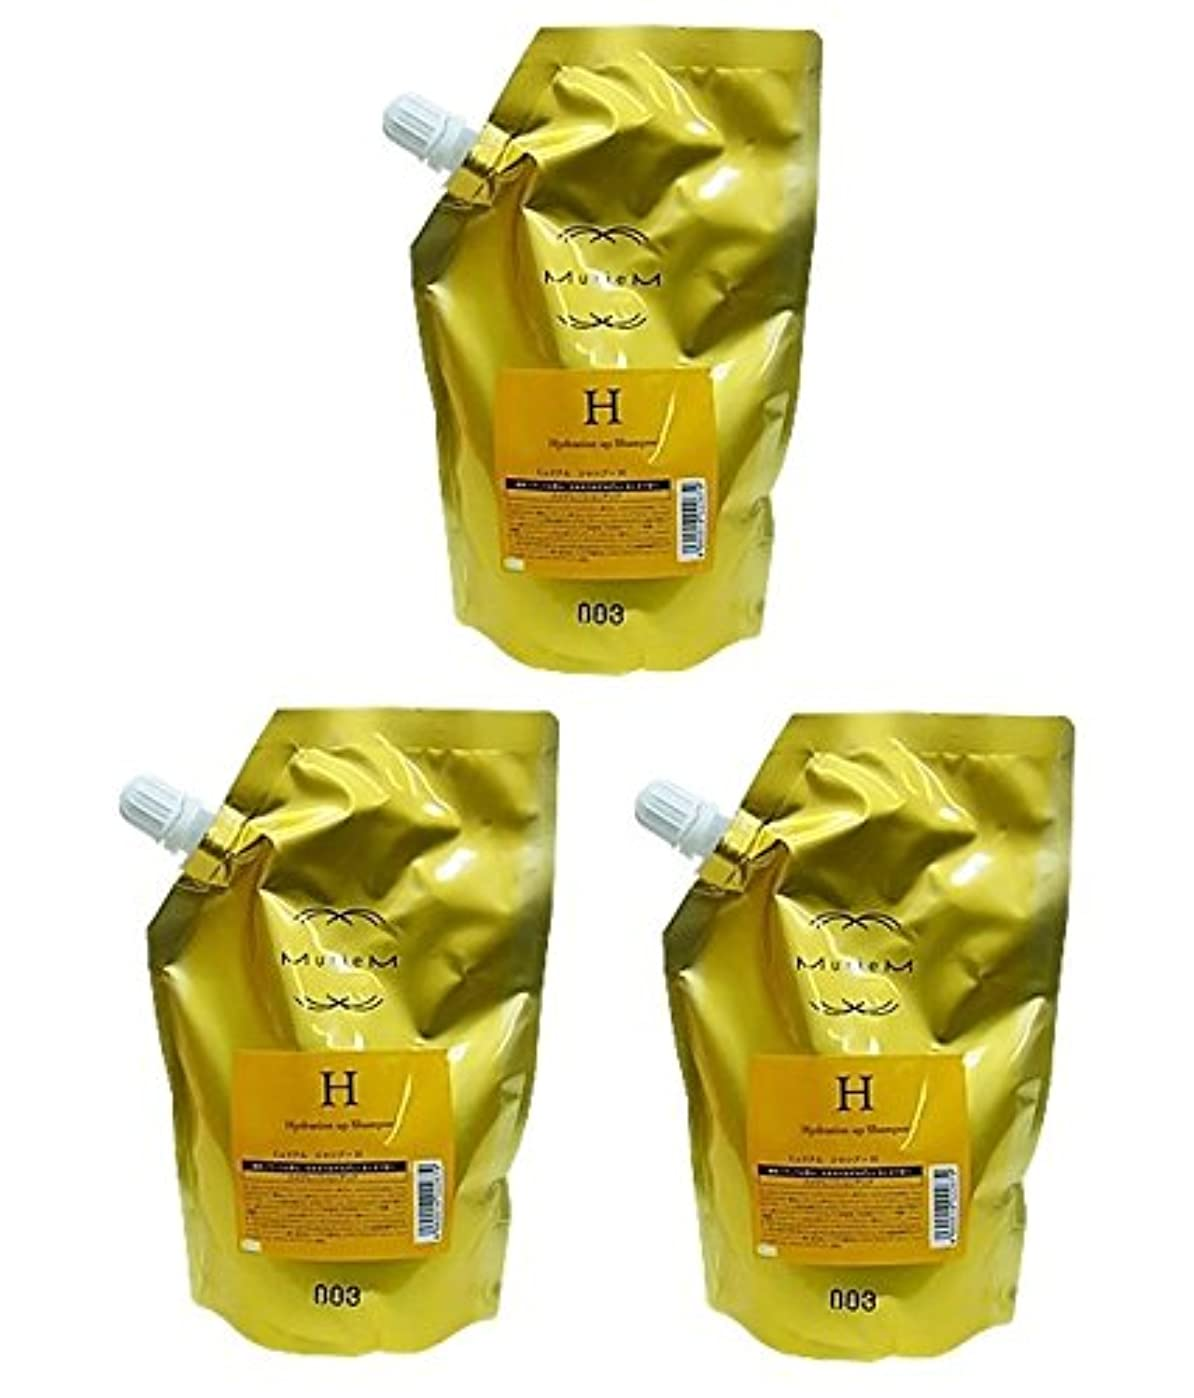 座標風味勤勉な【X3個セット】 ナンバースリー ミュリアム ゴールド シャンプー H 500ml 詰替え用